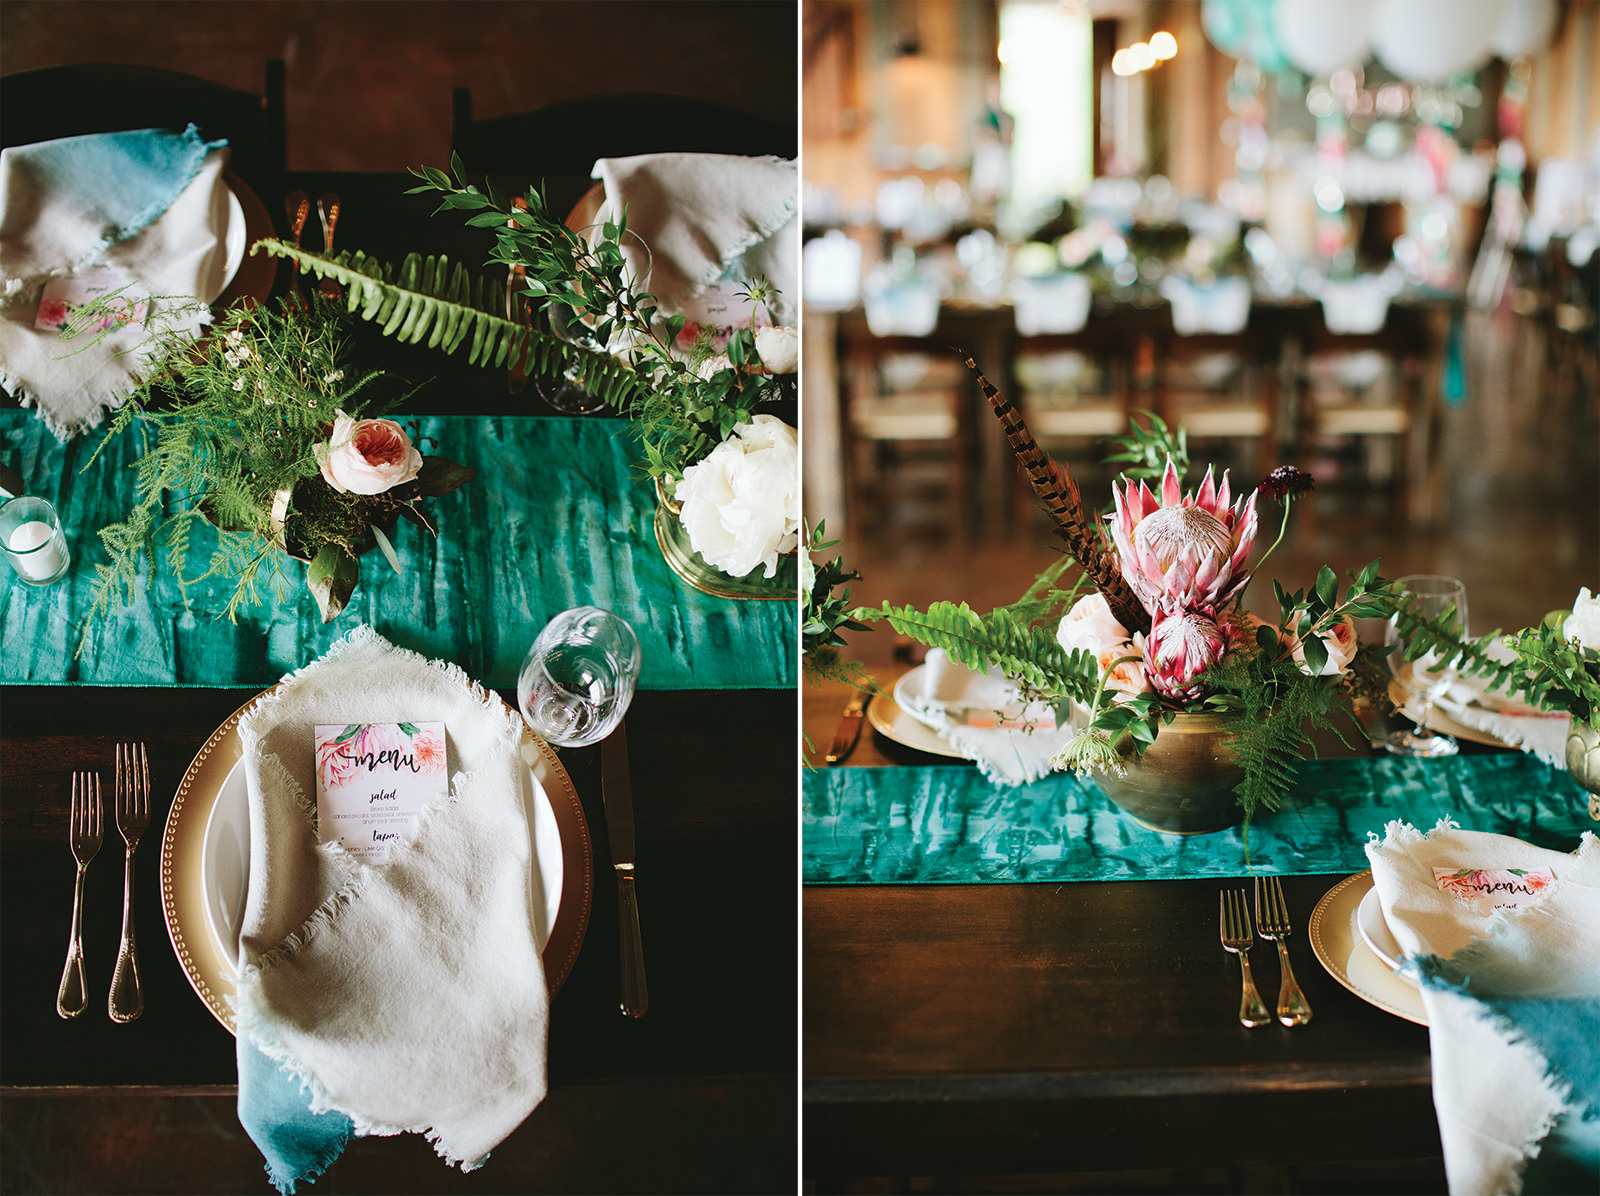 blush and turquoise wedding decor